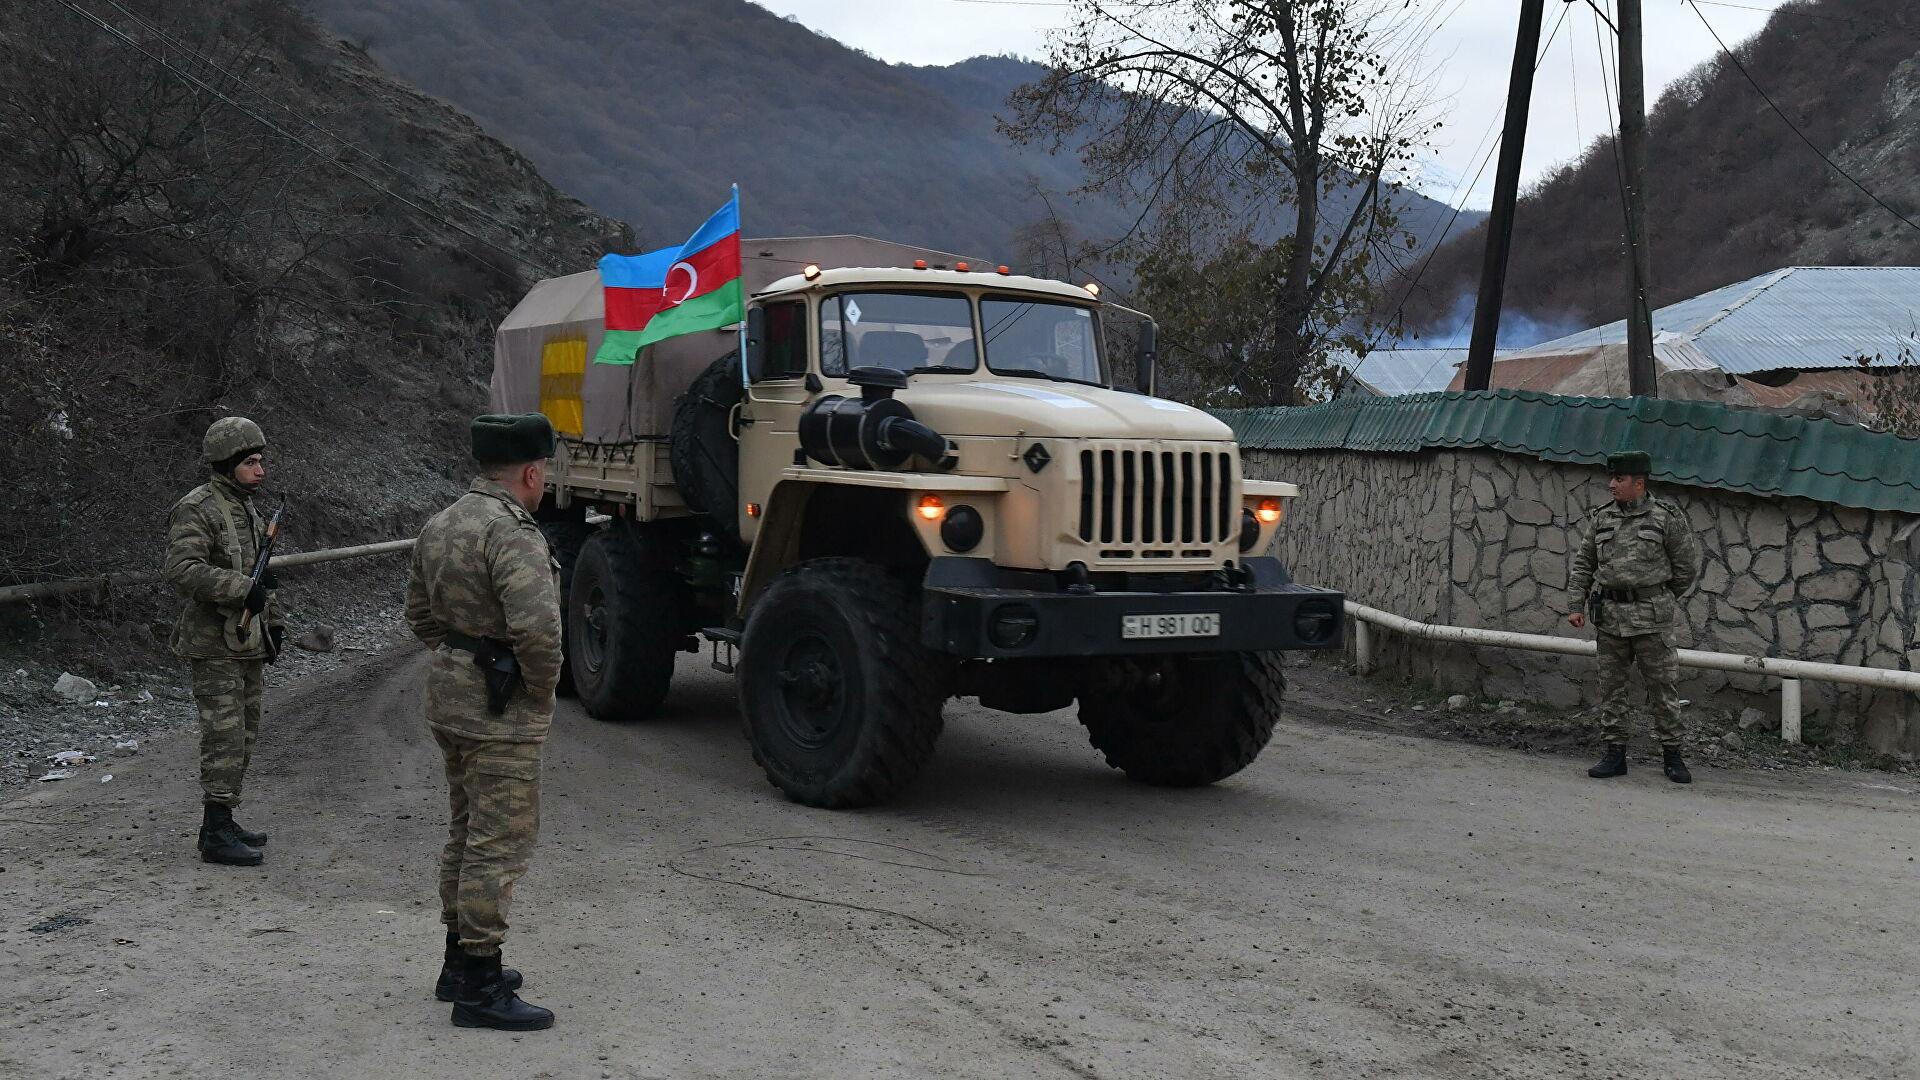 """Јерменија и Азербејџан договорили размену затвореника по принципу """"сви за све"""""""